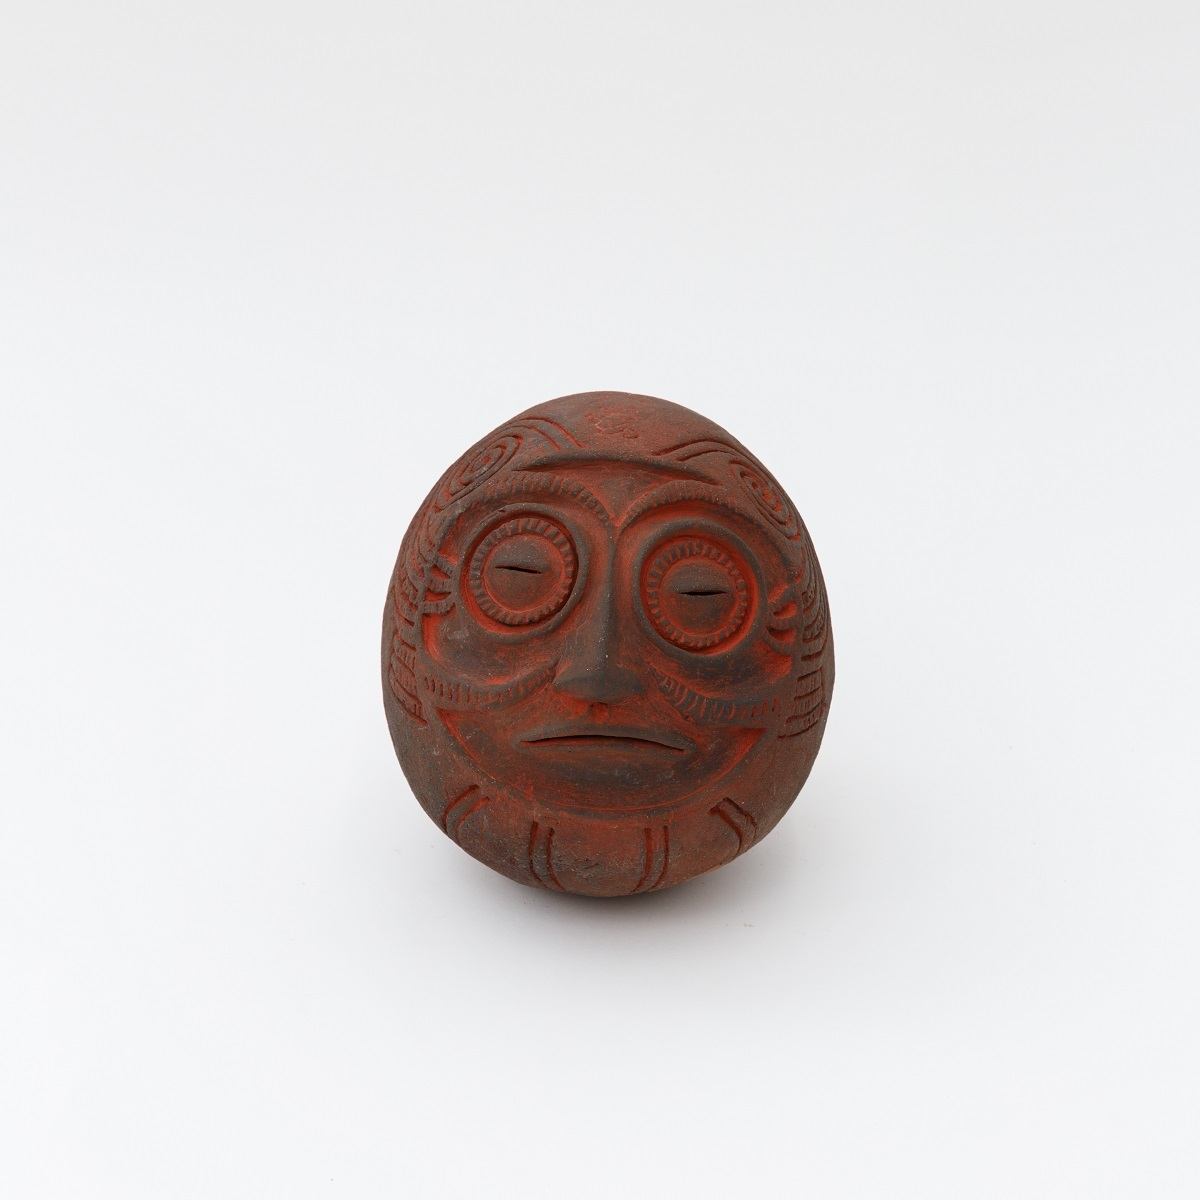 熊谷幸治《土偶・ダルマ》2010 17×20.5×21cm